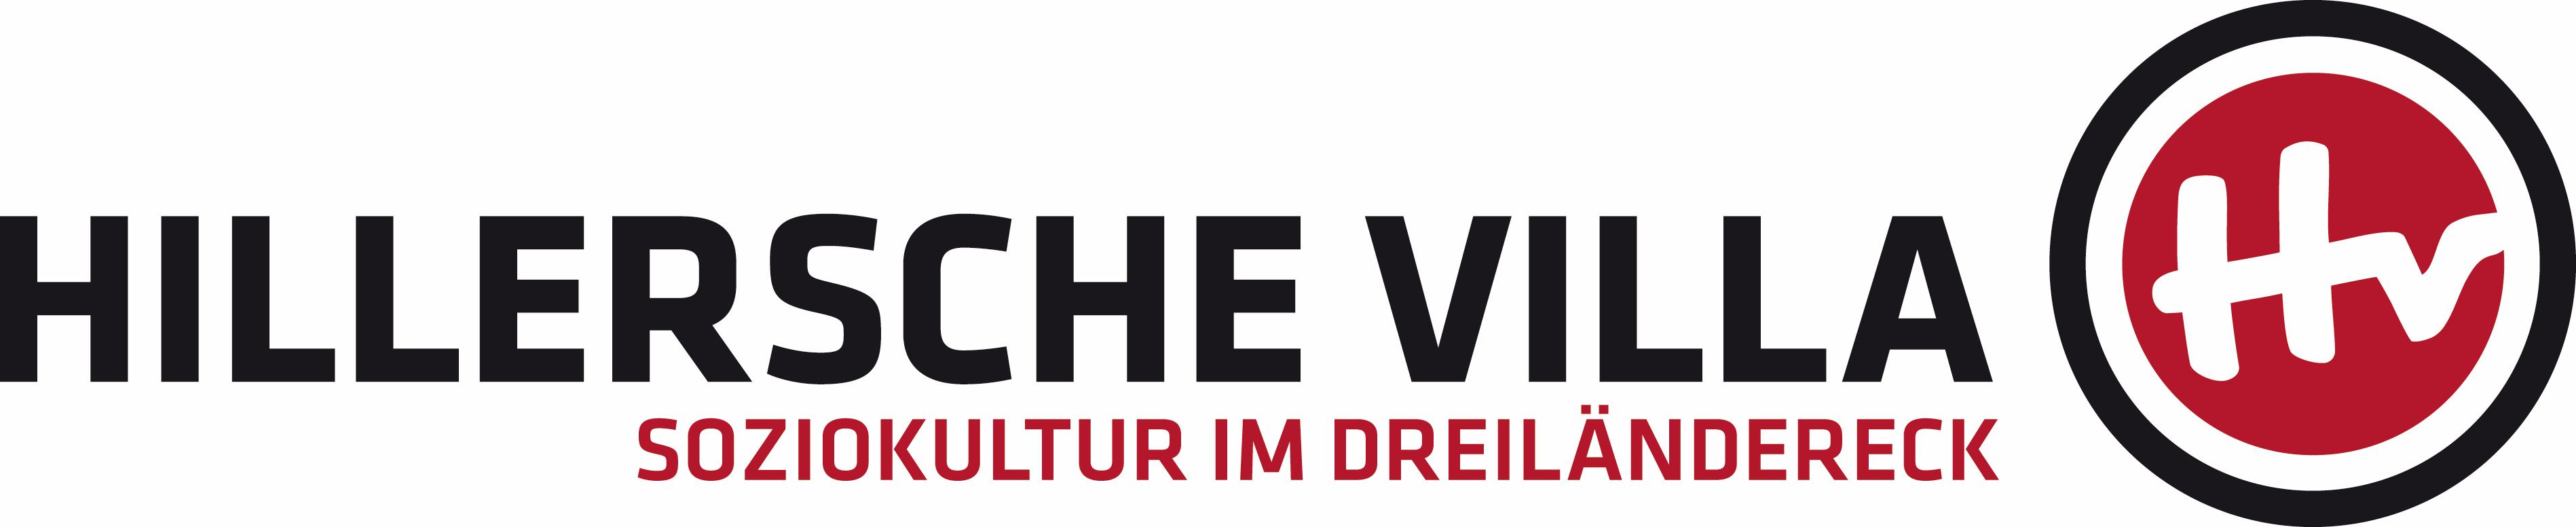 https://dpjw.org/wp-content/uploads/2021/03/Hillersche-Villa-Logo-Test.png